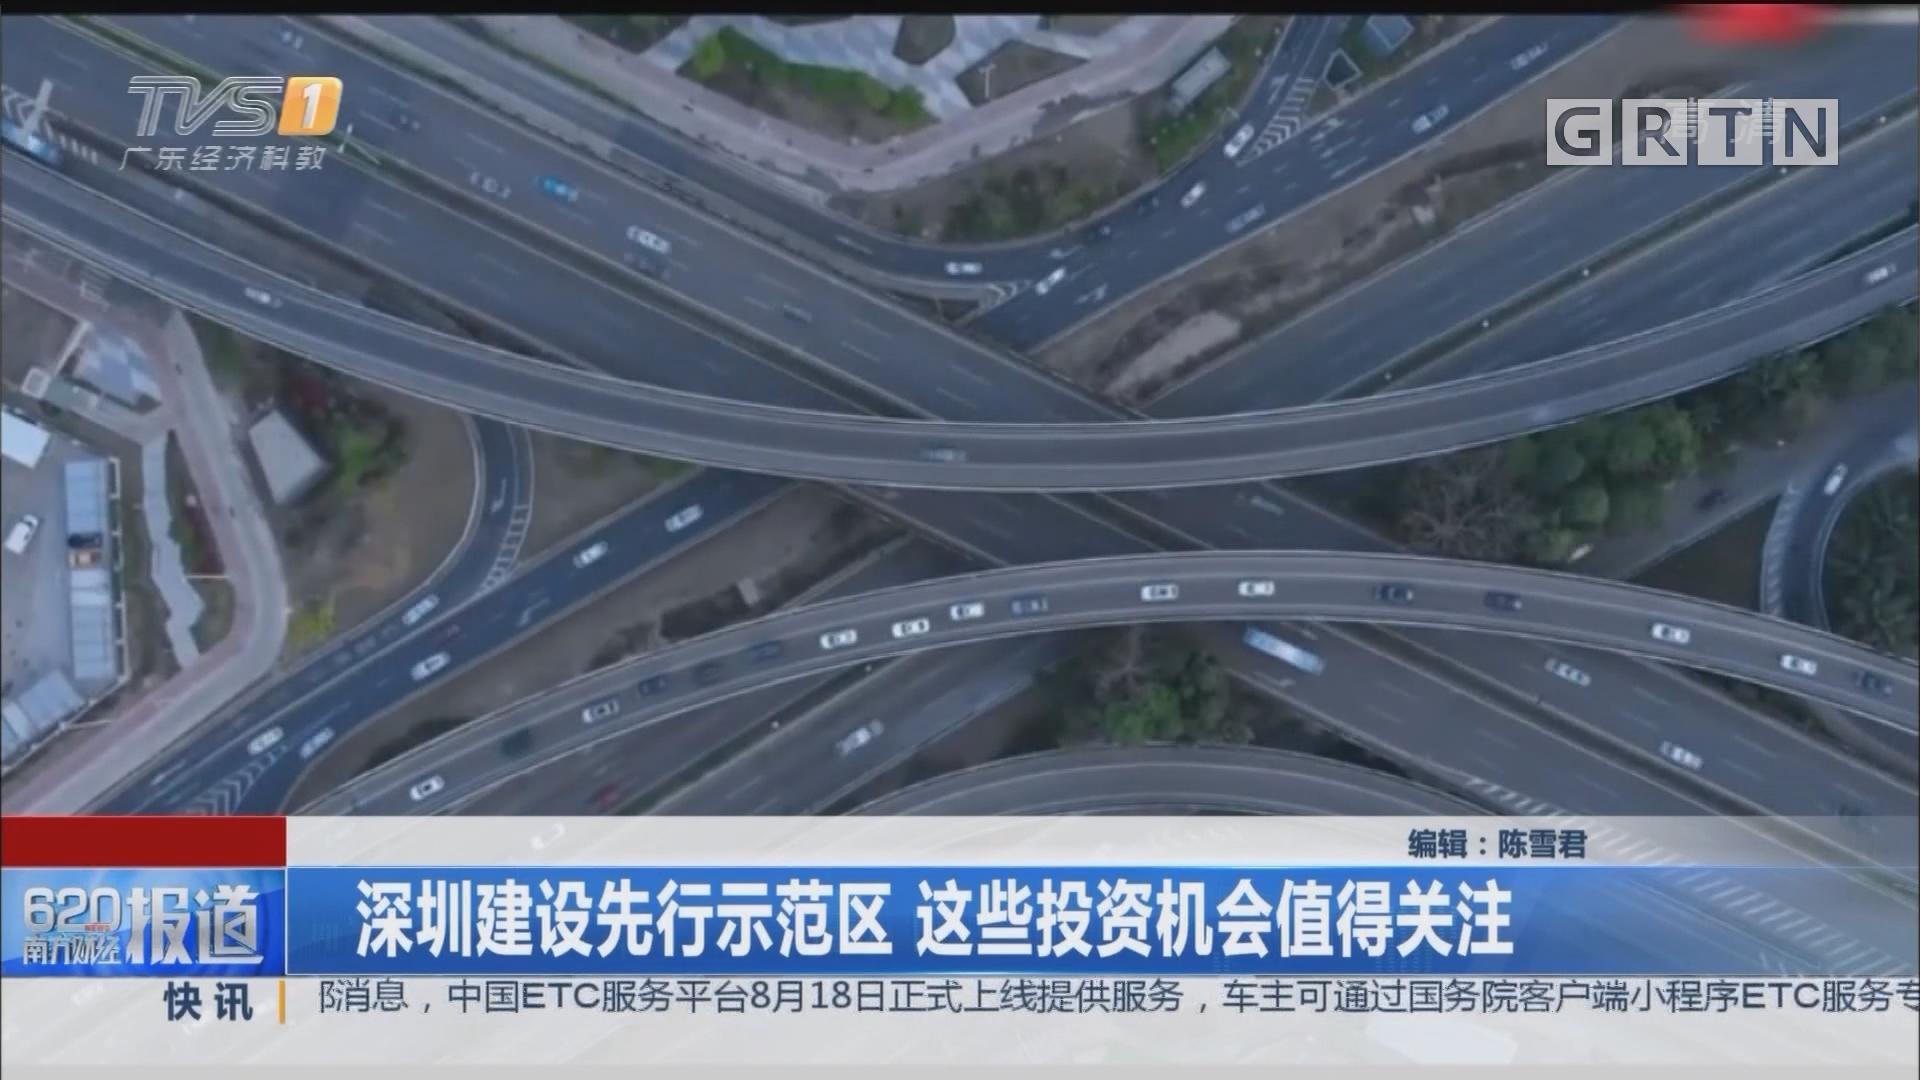 深圳建设先行示范区 这些投资机会值得关注